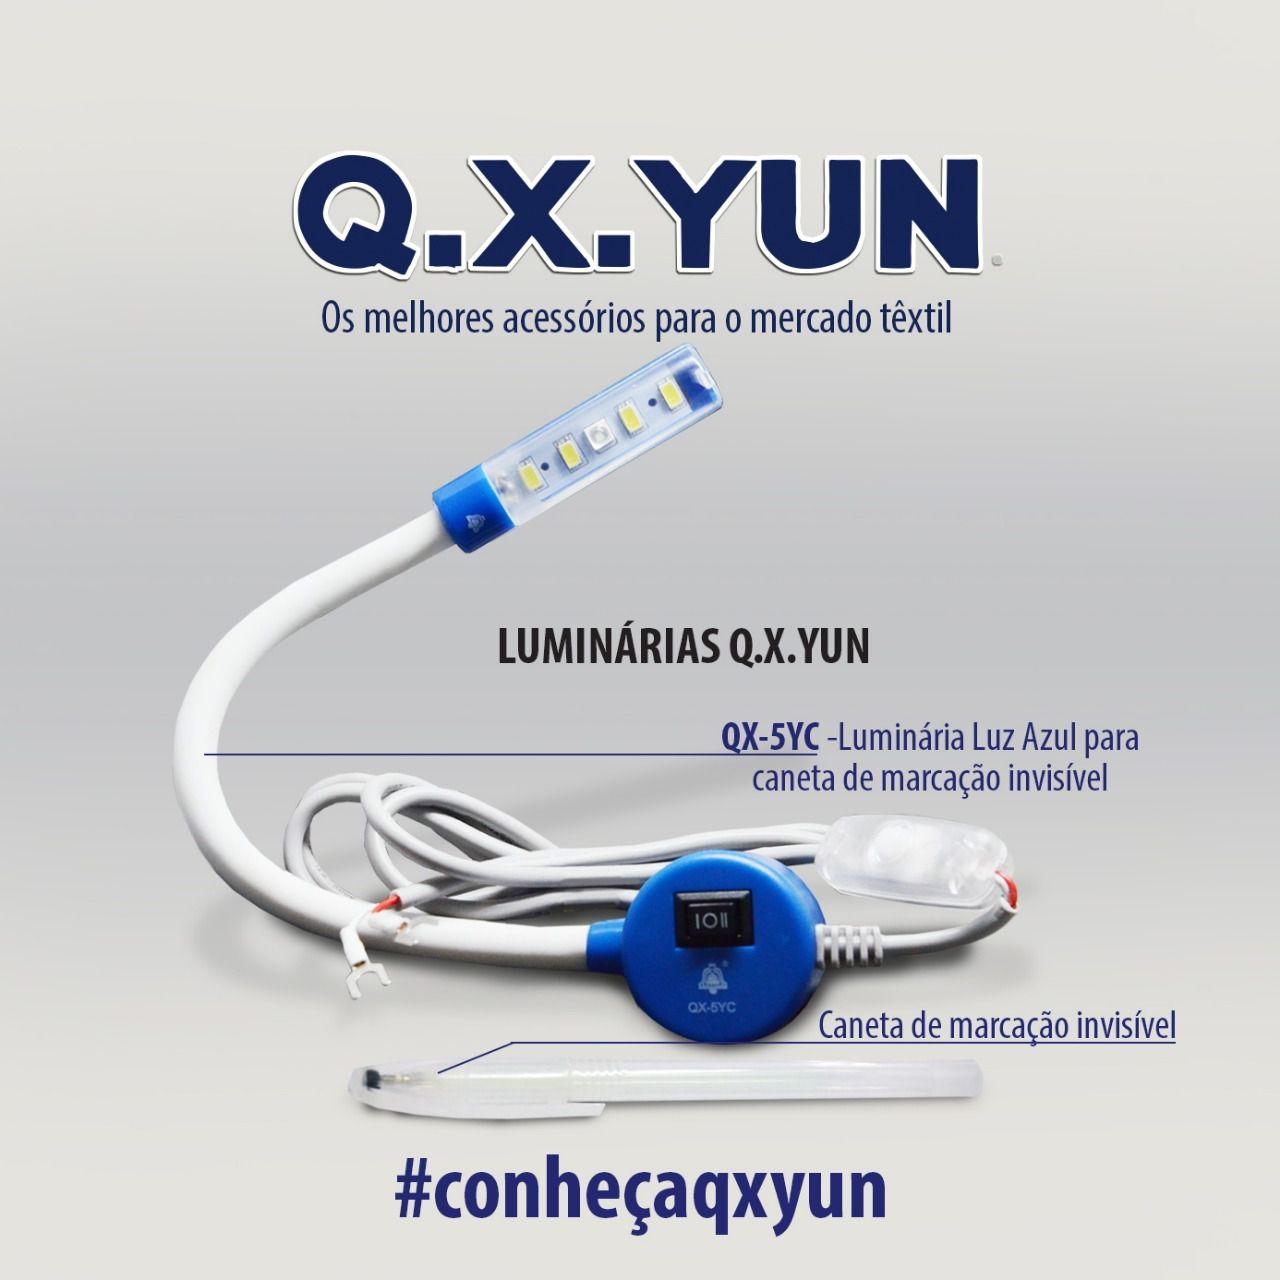 Luminária LED com LUZ AZUL e Caneta invisível que só aparece com a luz ligada - Q-X-YUN